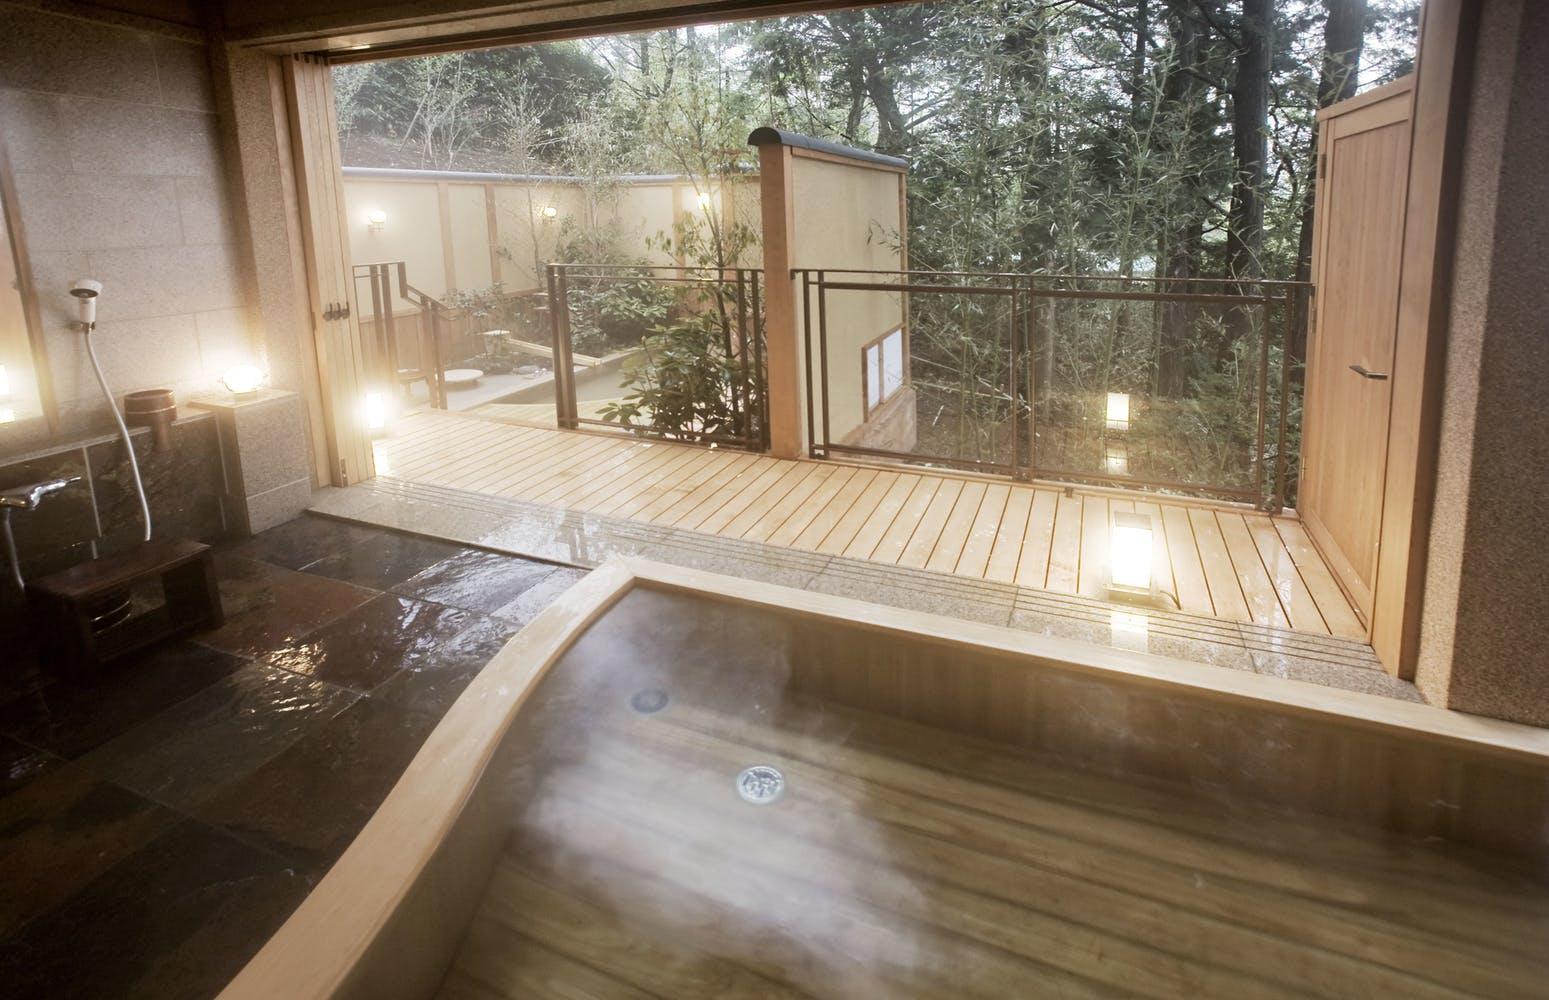 【ヒルナンデス】箱根ピンキリツアー~料理が自慢の最高級&激安旅館